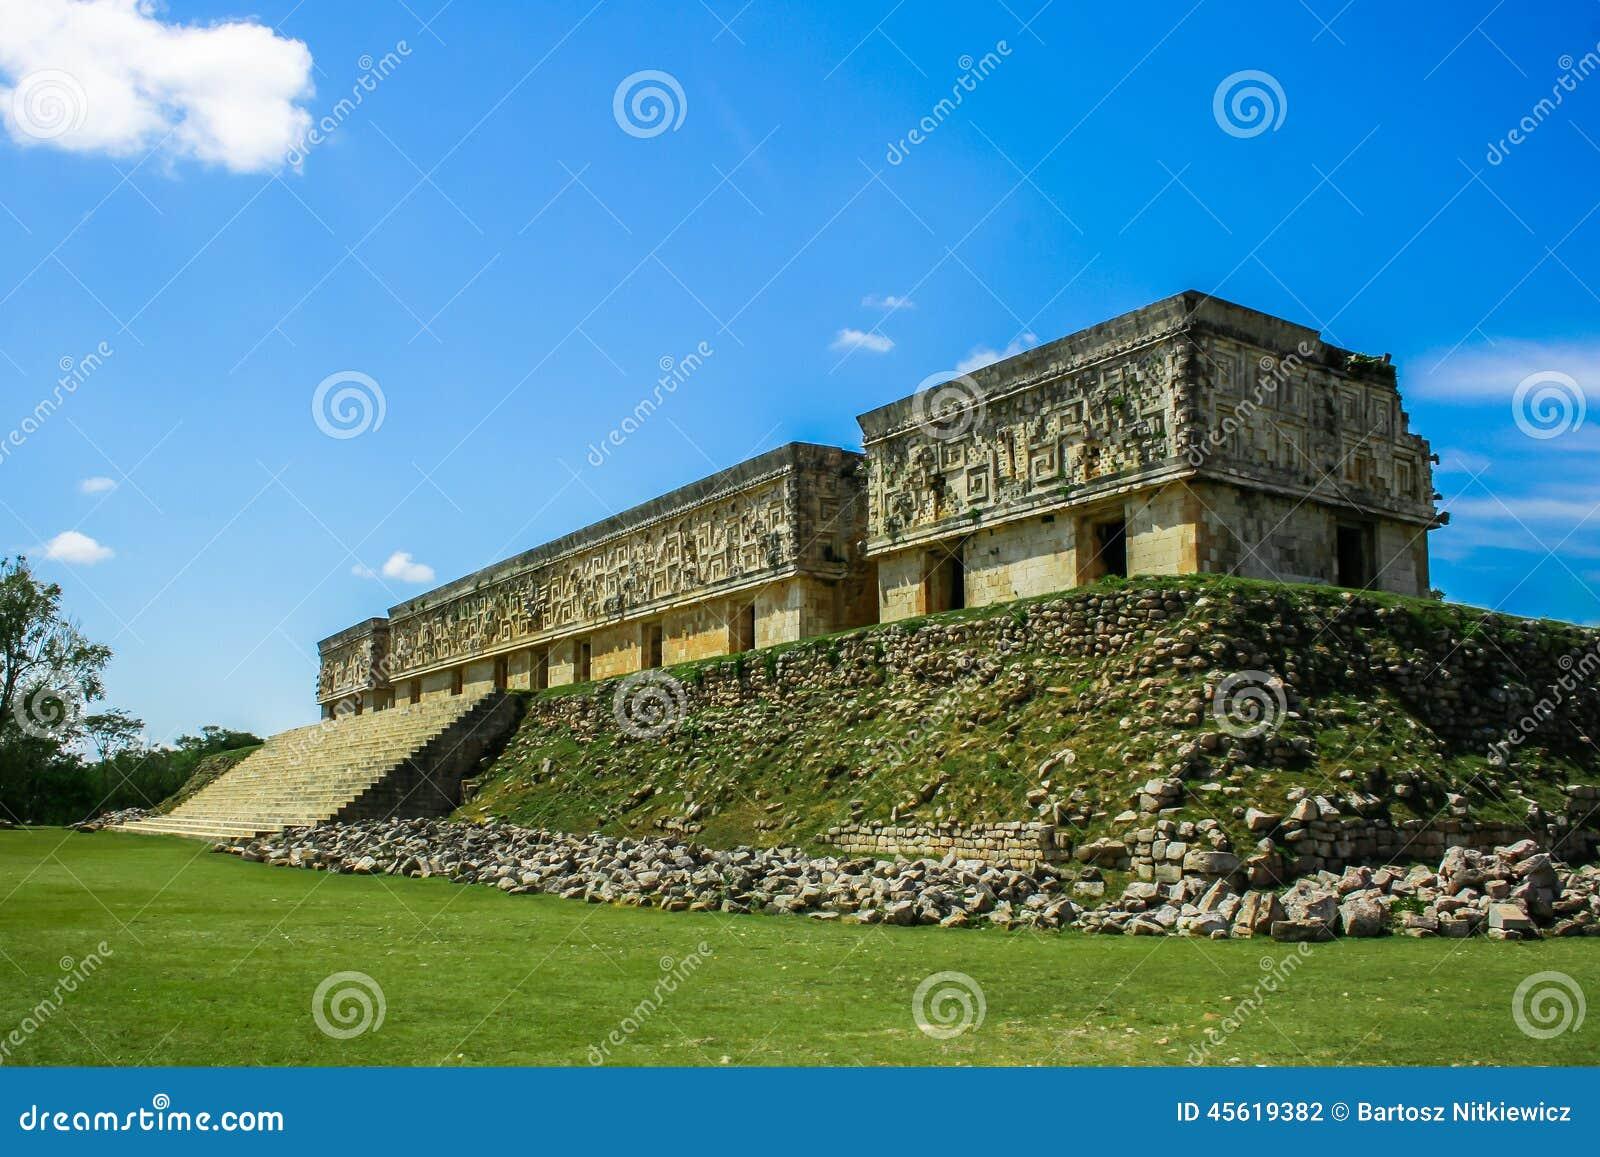 mayan architecture stock photo - image: 45619382